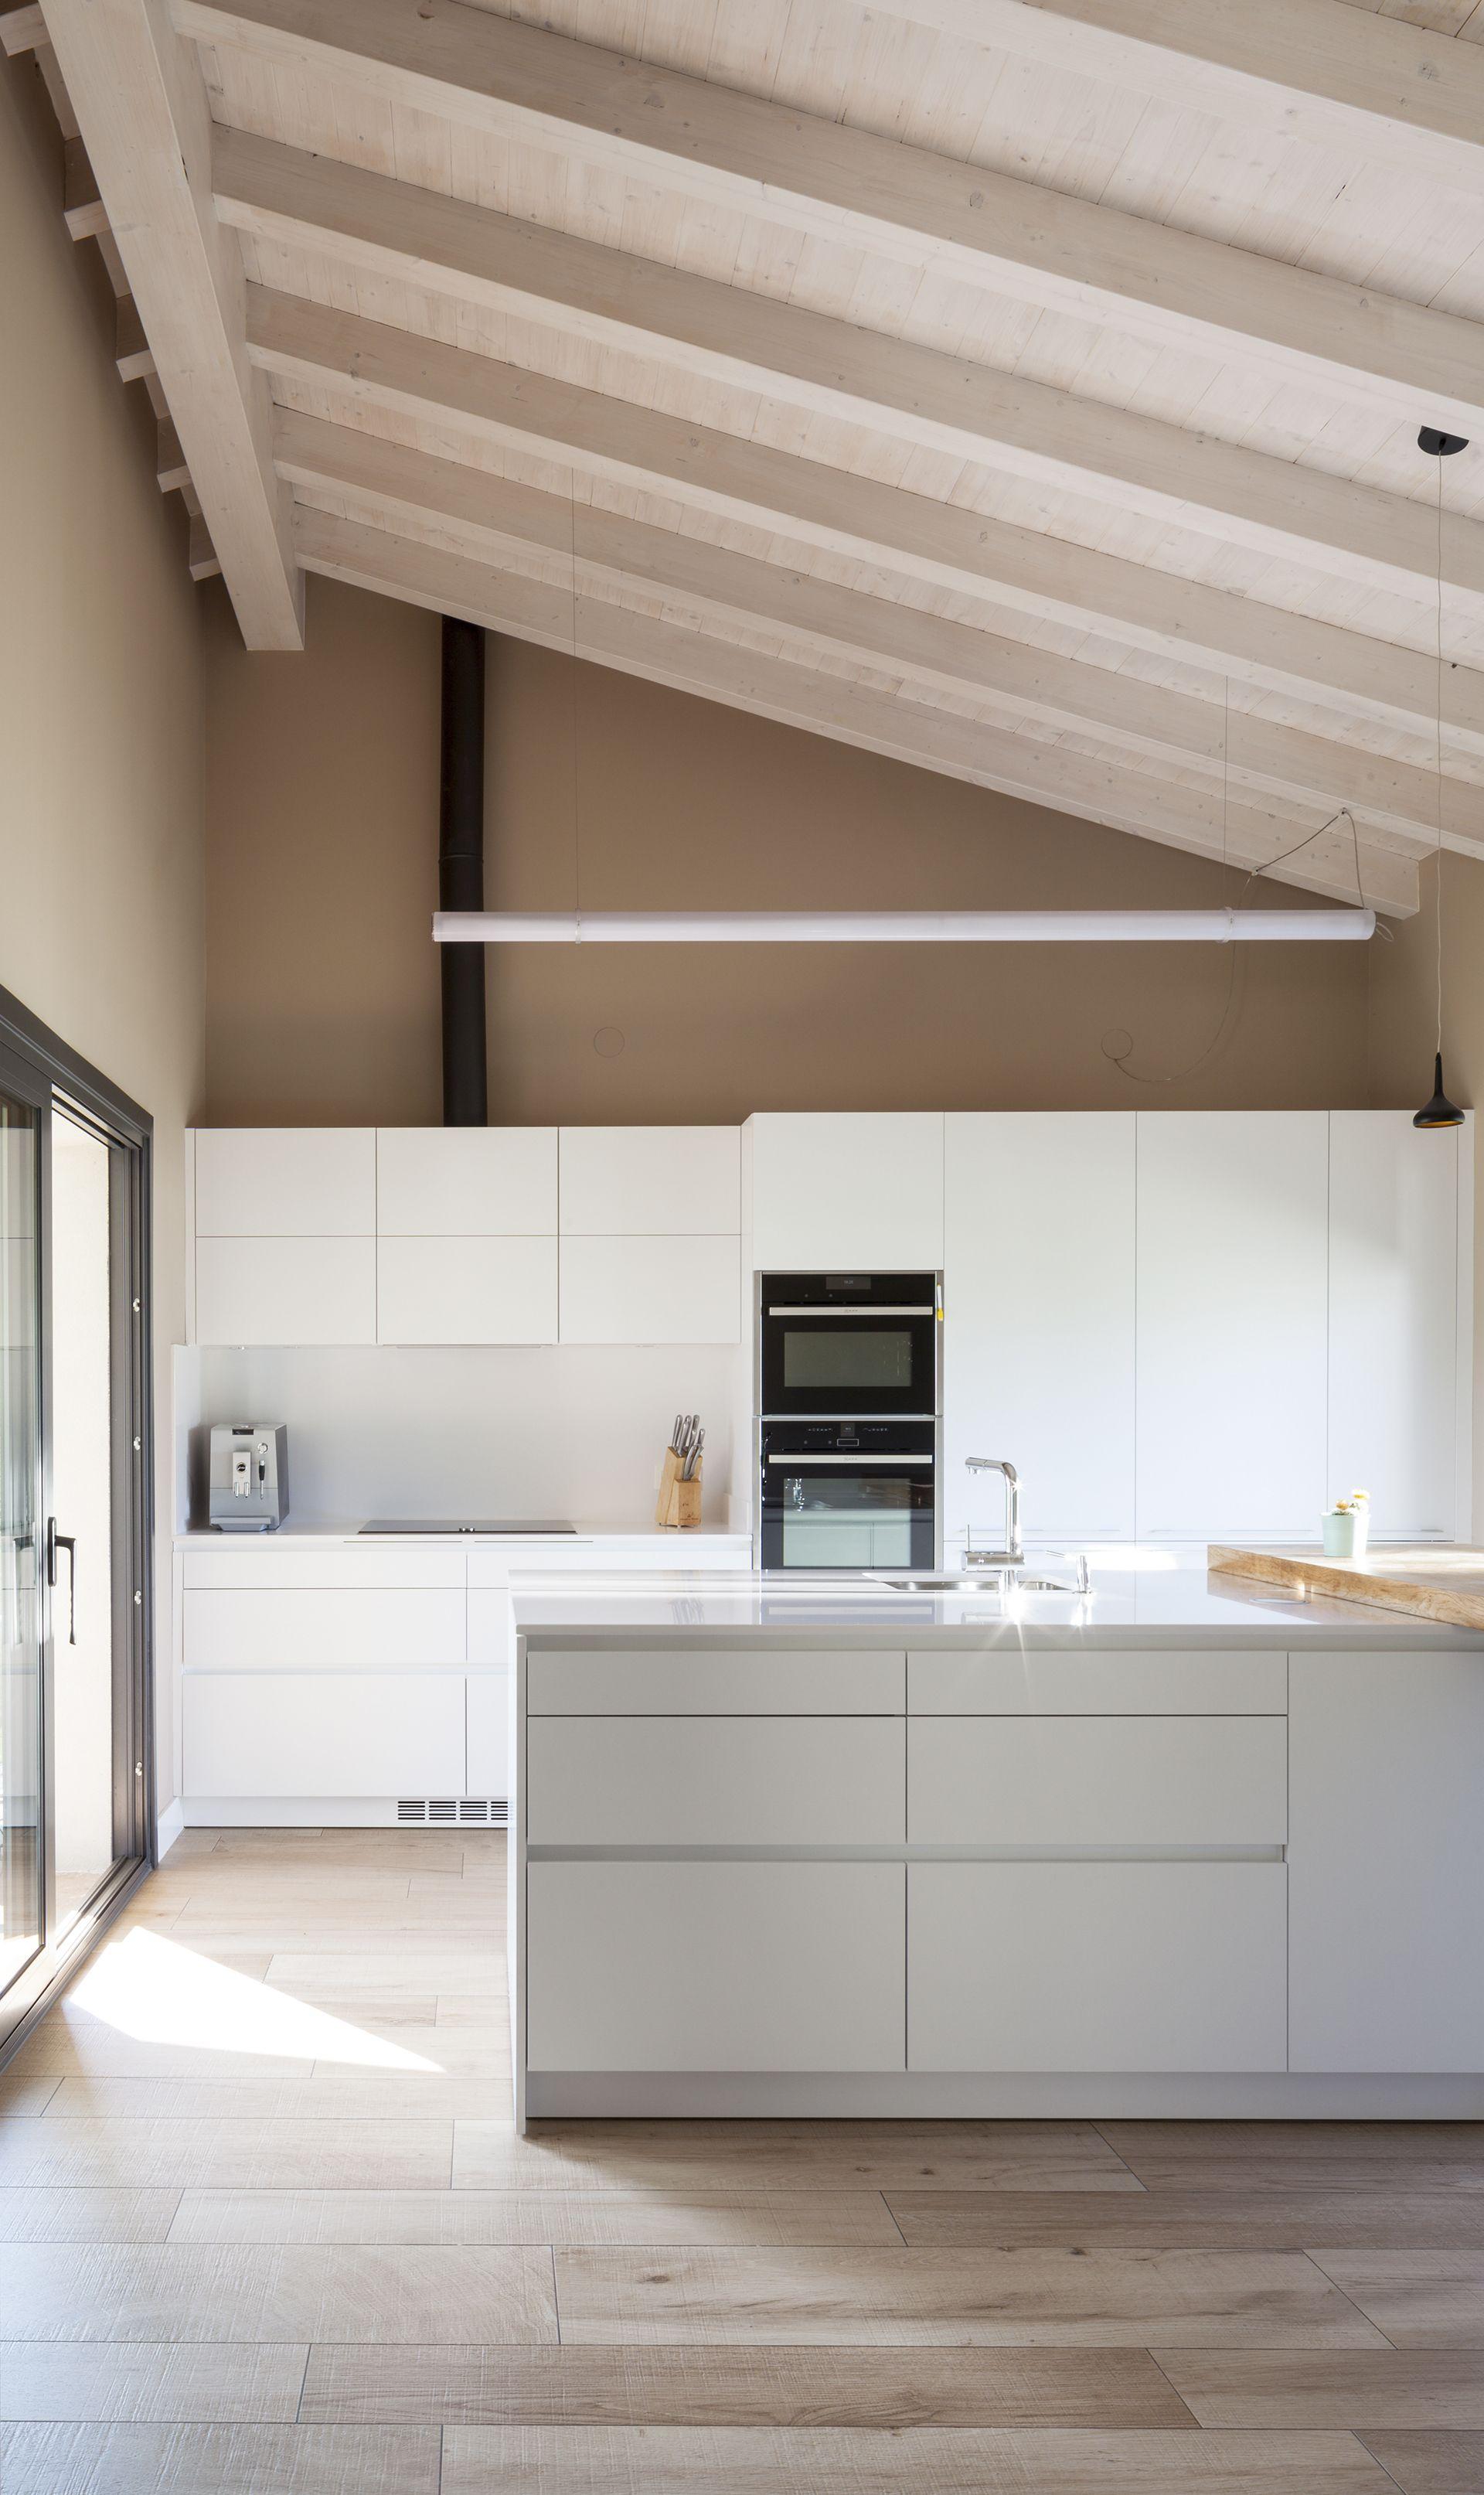 SANTOS kitchen   Una cocina abierta y llena de luz, equipada con los ...